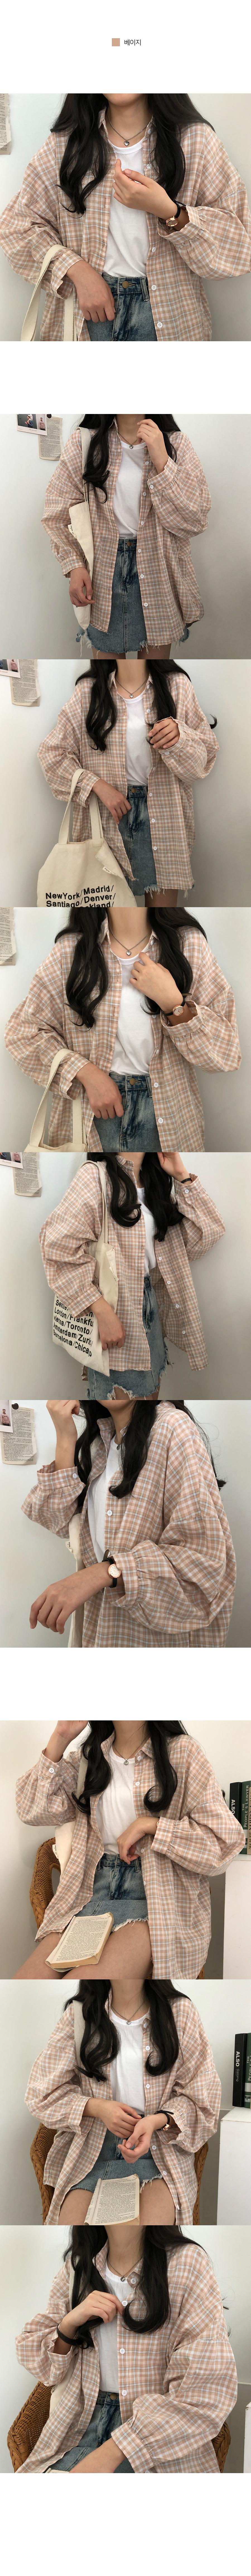 Avant-garde check shirt Shirt with subtle colors